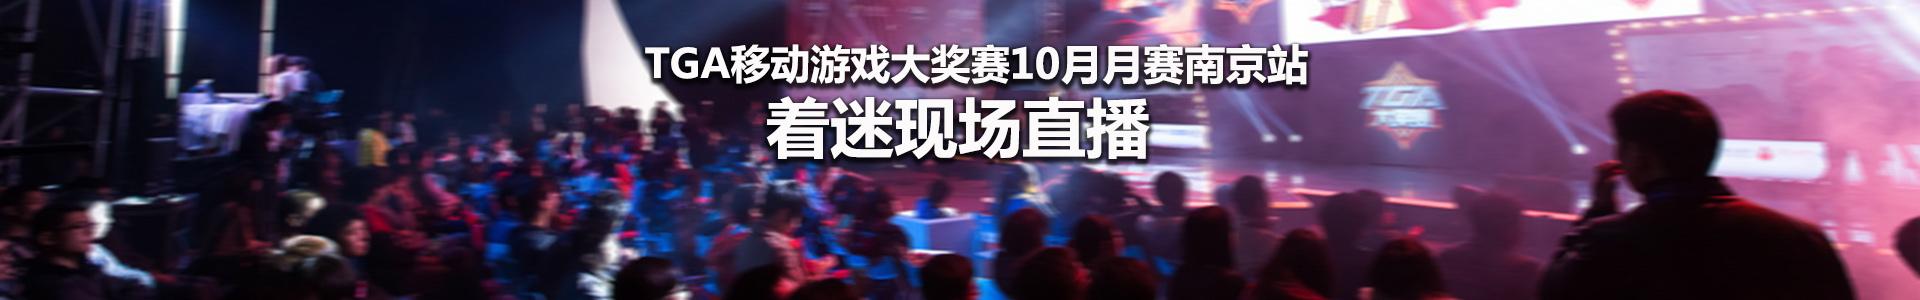 TGA移动游戏大奖赛10月月赛南京站 着迷现场直播